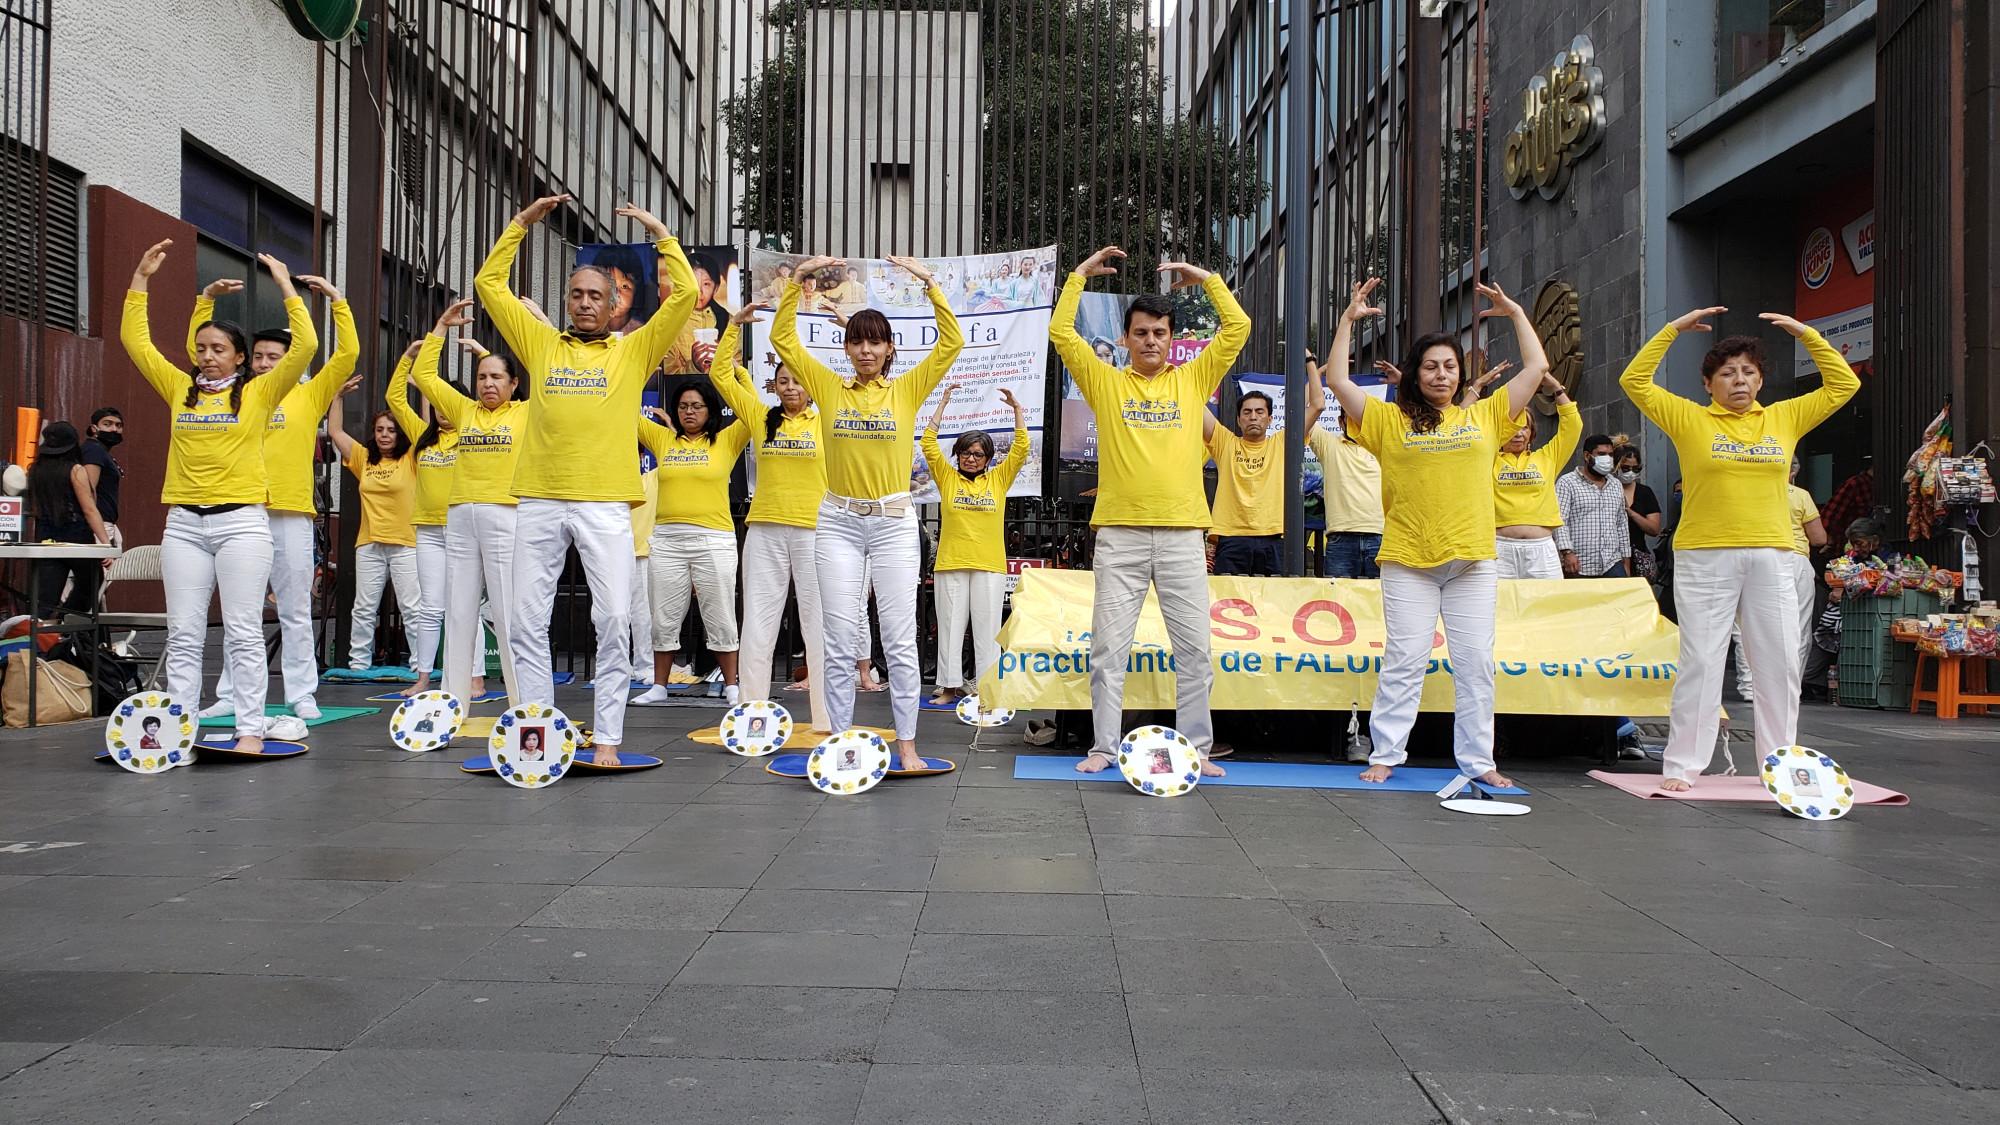 El 18 de julio los practicantes de Falun Dafa de México mostraron los ejercicios de la disciplina en los eventos del 21 aniversario del inicio de la persecución en China. (Cortesía Falun Dafa de México)